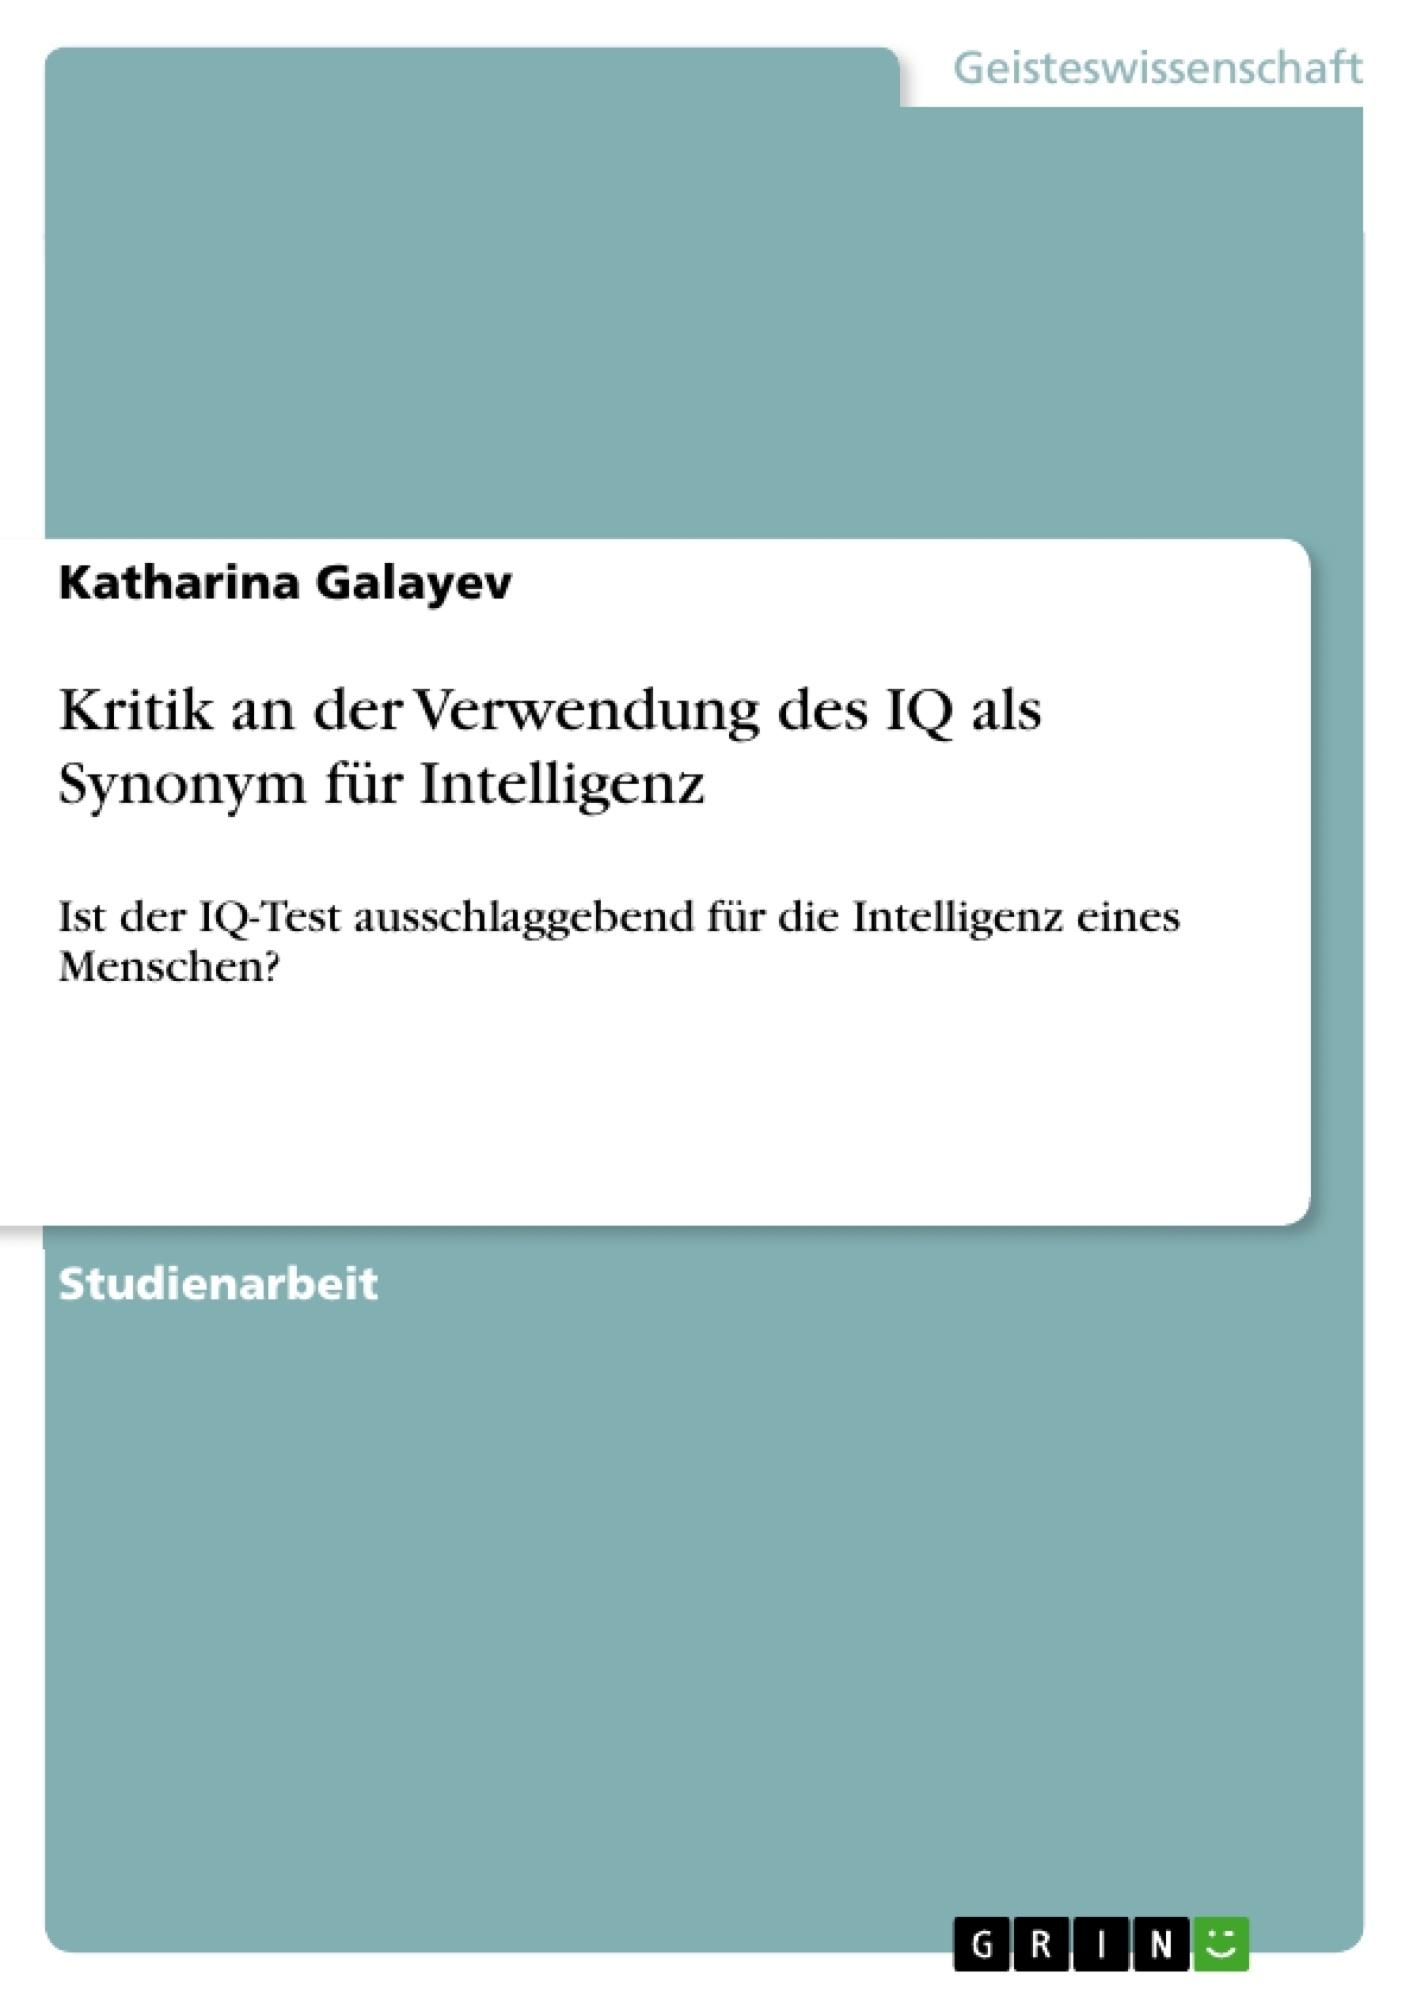 Titel: Kritik an der Verwendung des IQ als Synonym für Intelligenz